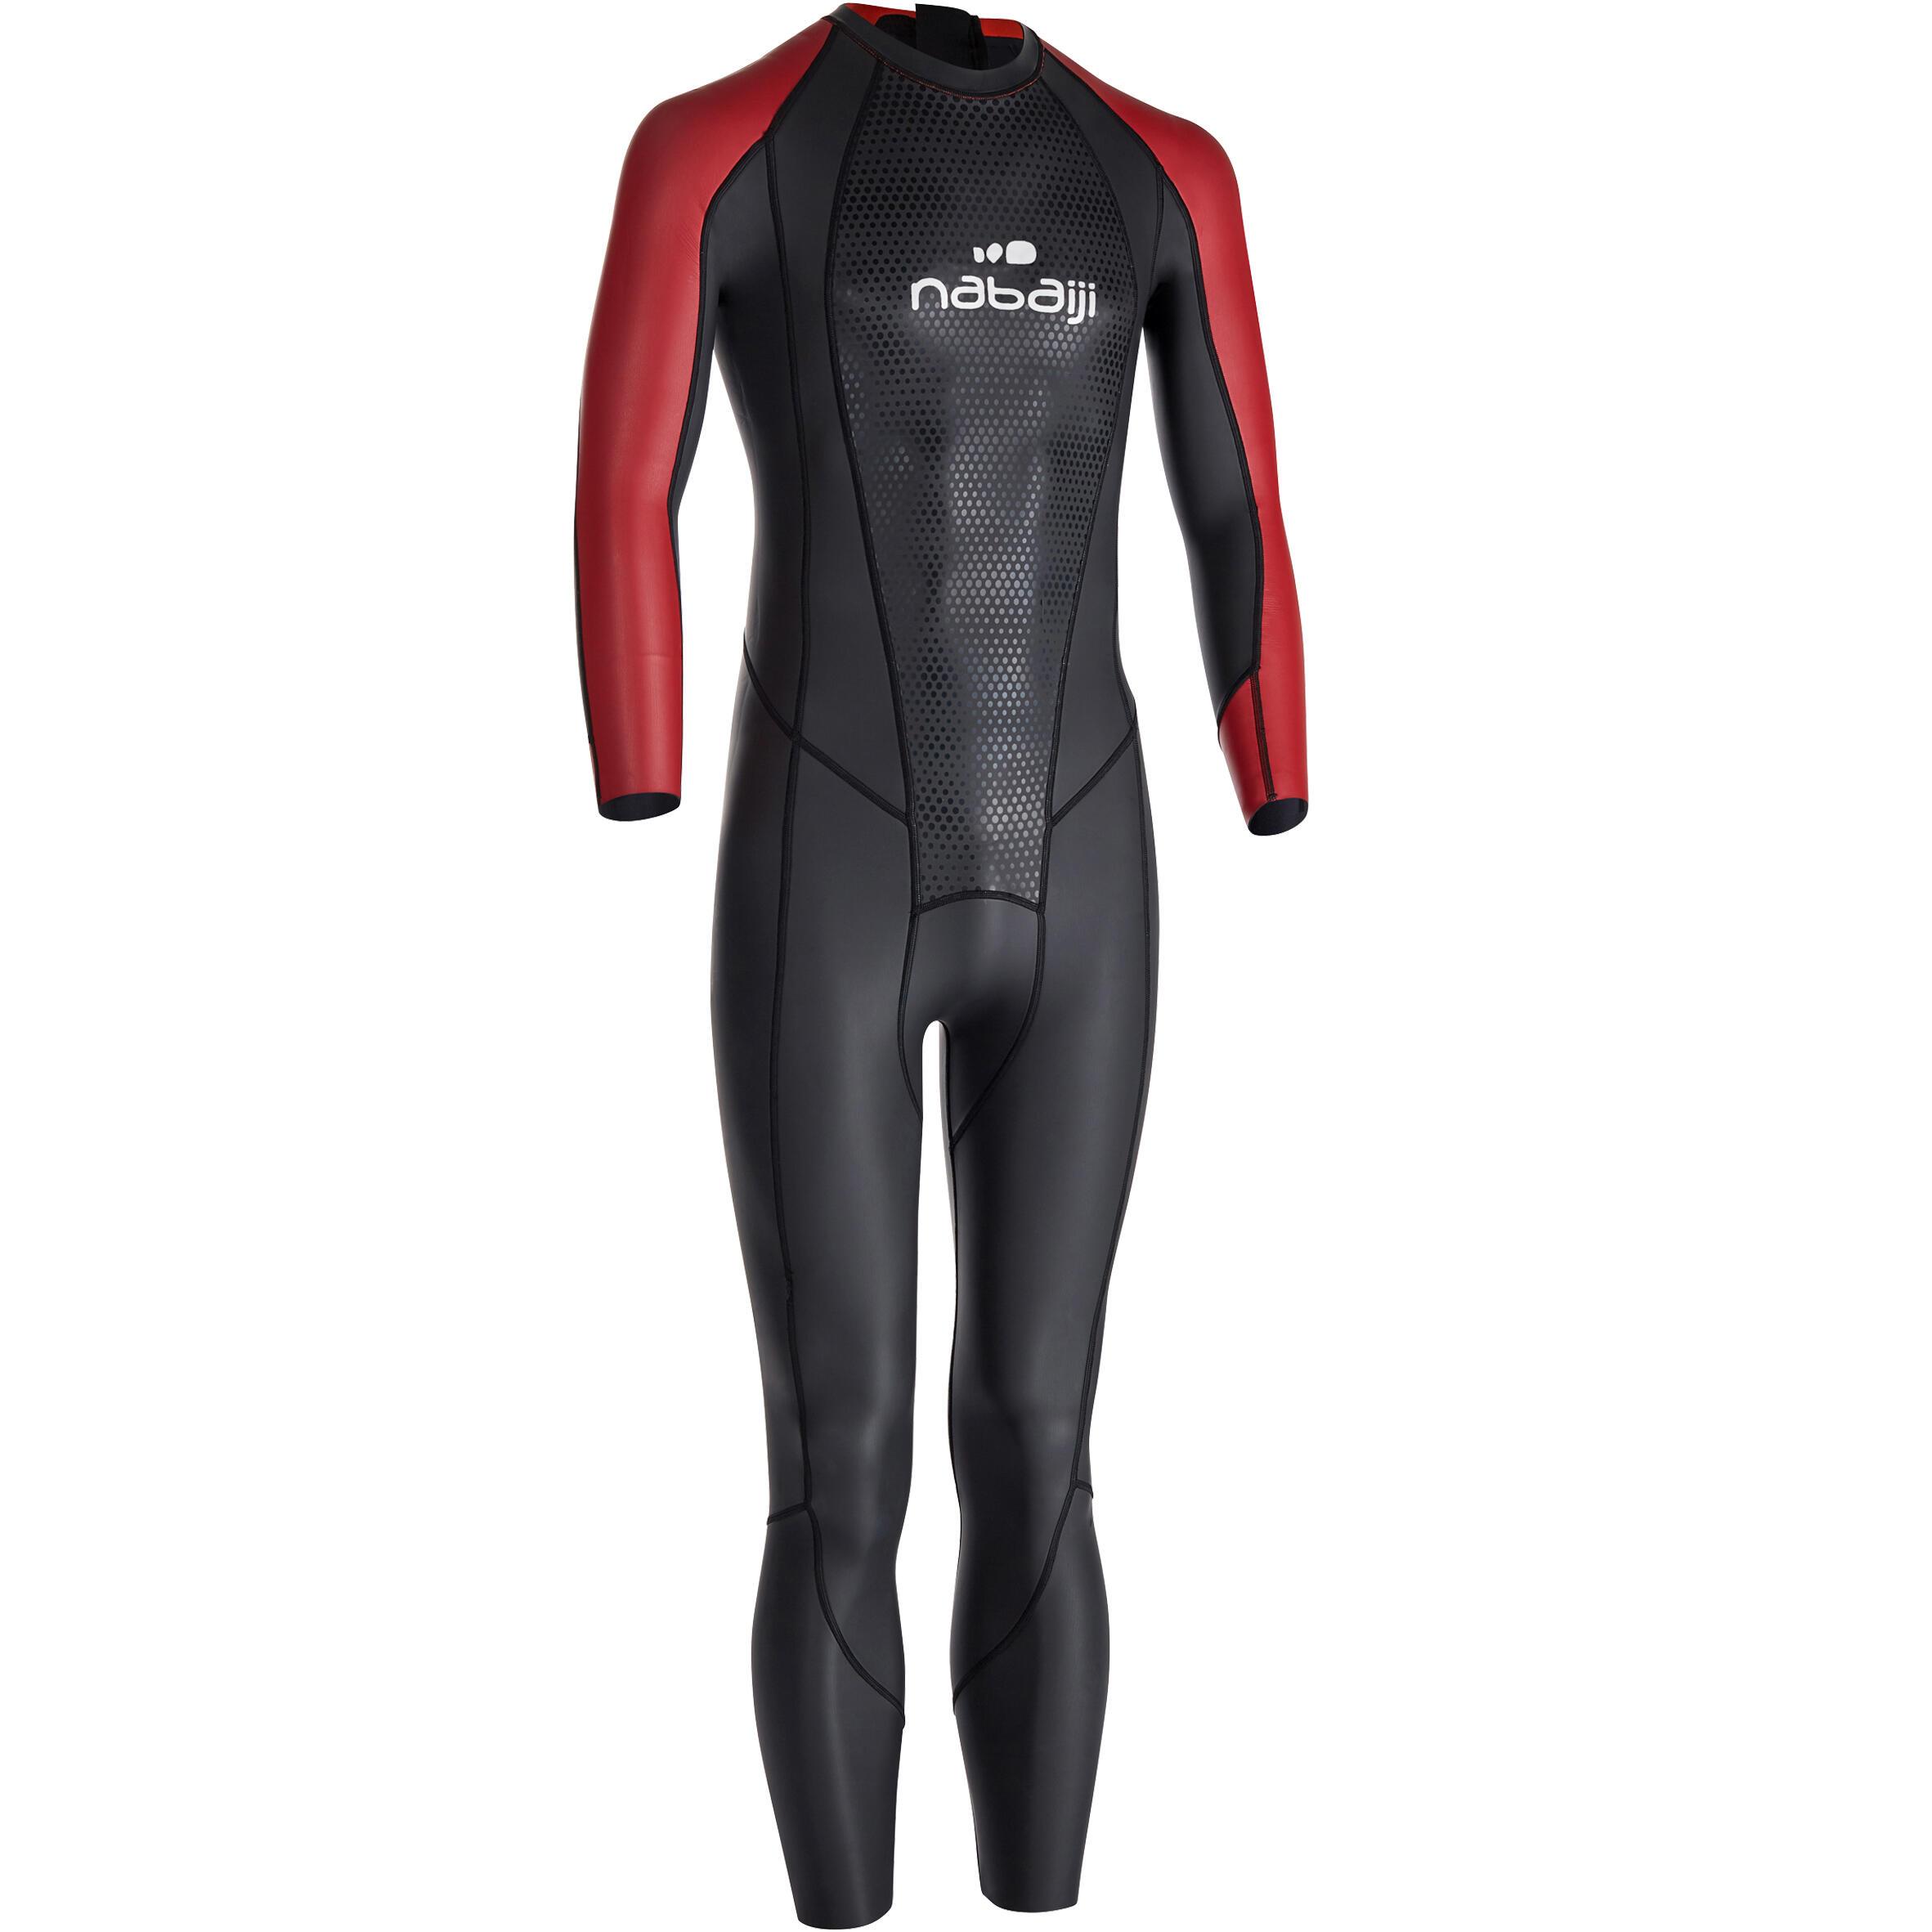 Schwimmanzug Freiwasserschwimmen Neopren OWS 2/2mm Glideskin Herren | Bekleidung > Bademode > Badehosen | Nabaiji